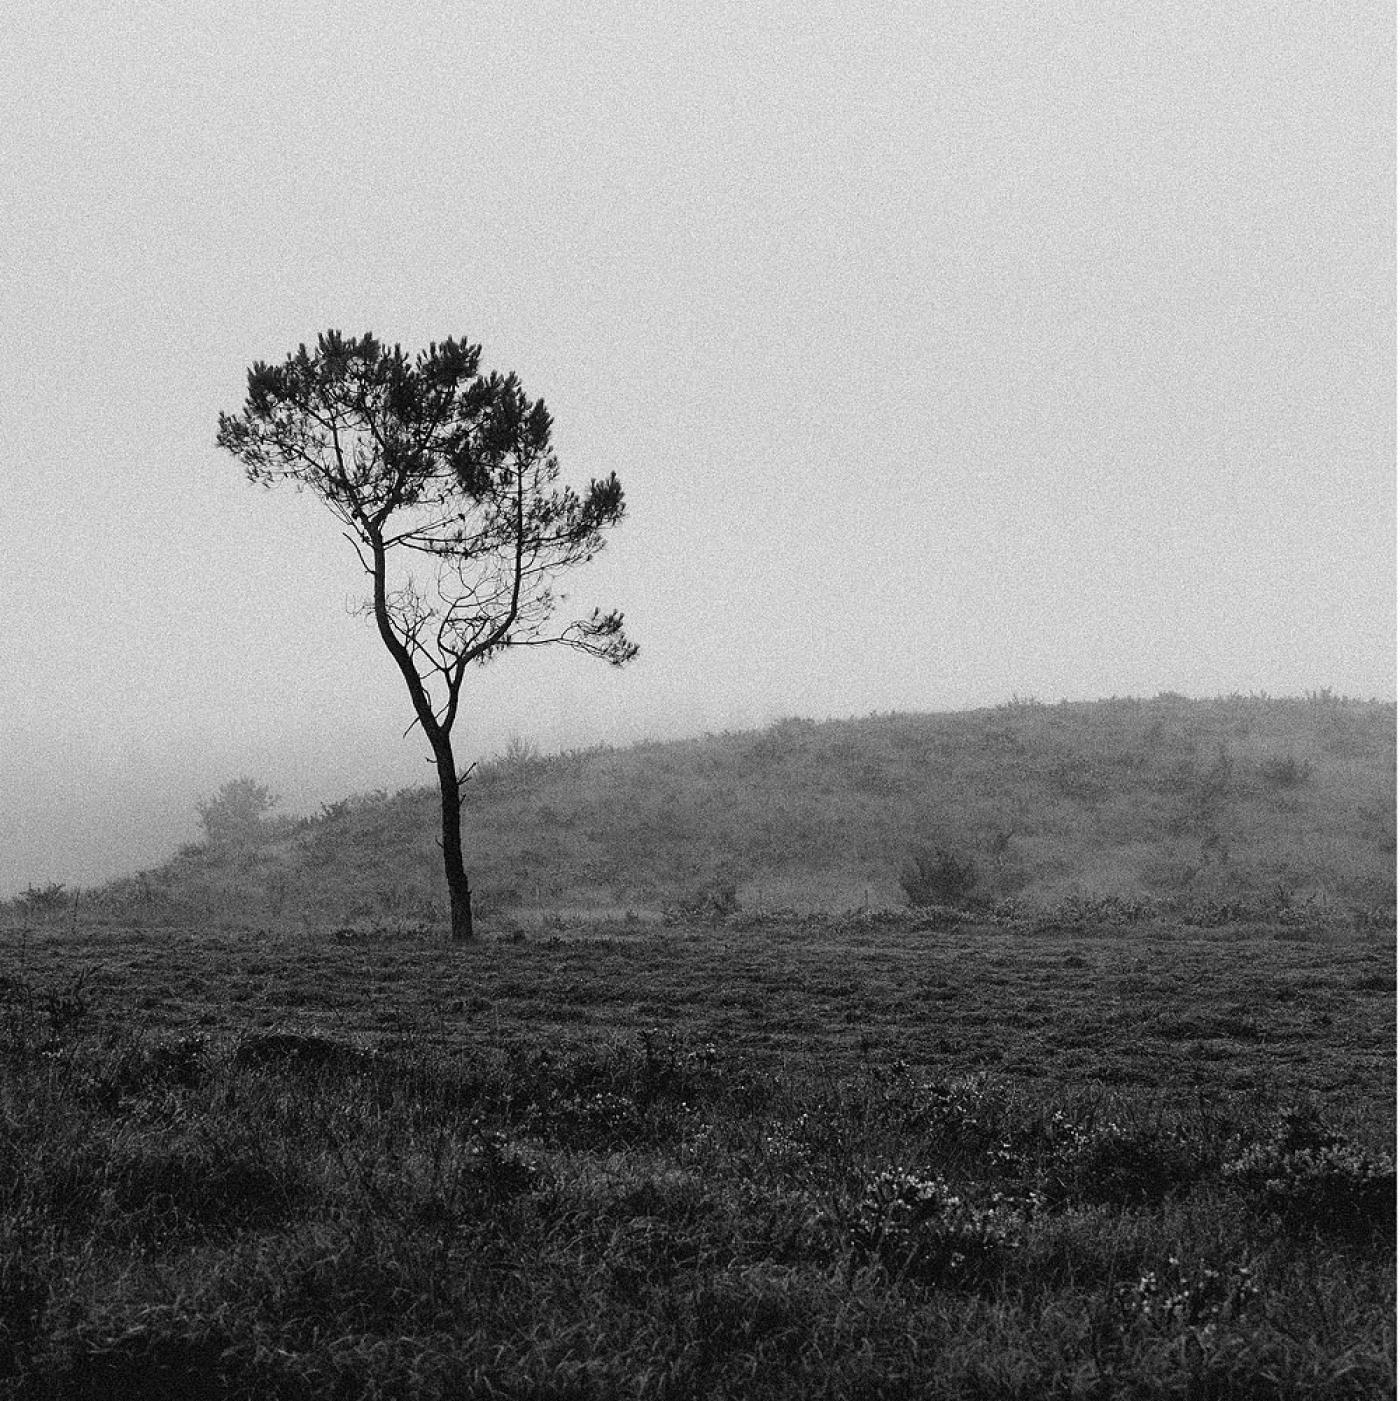 http://www.ericmalemanche.com/imagess/topics/les-bretons-de-l-argoat/liste/Monts-arree-09.jpg